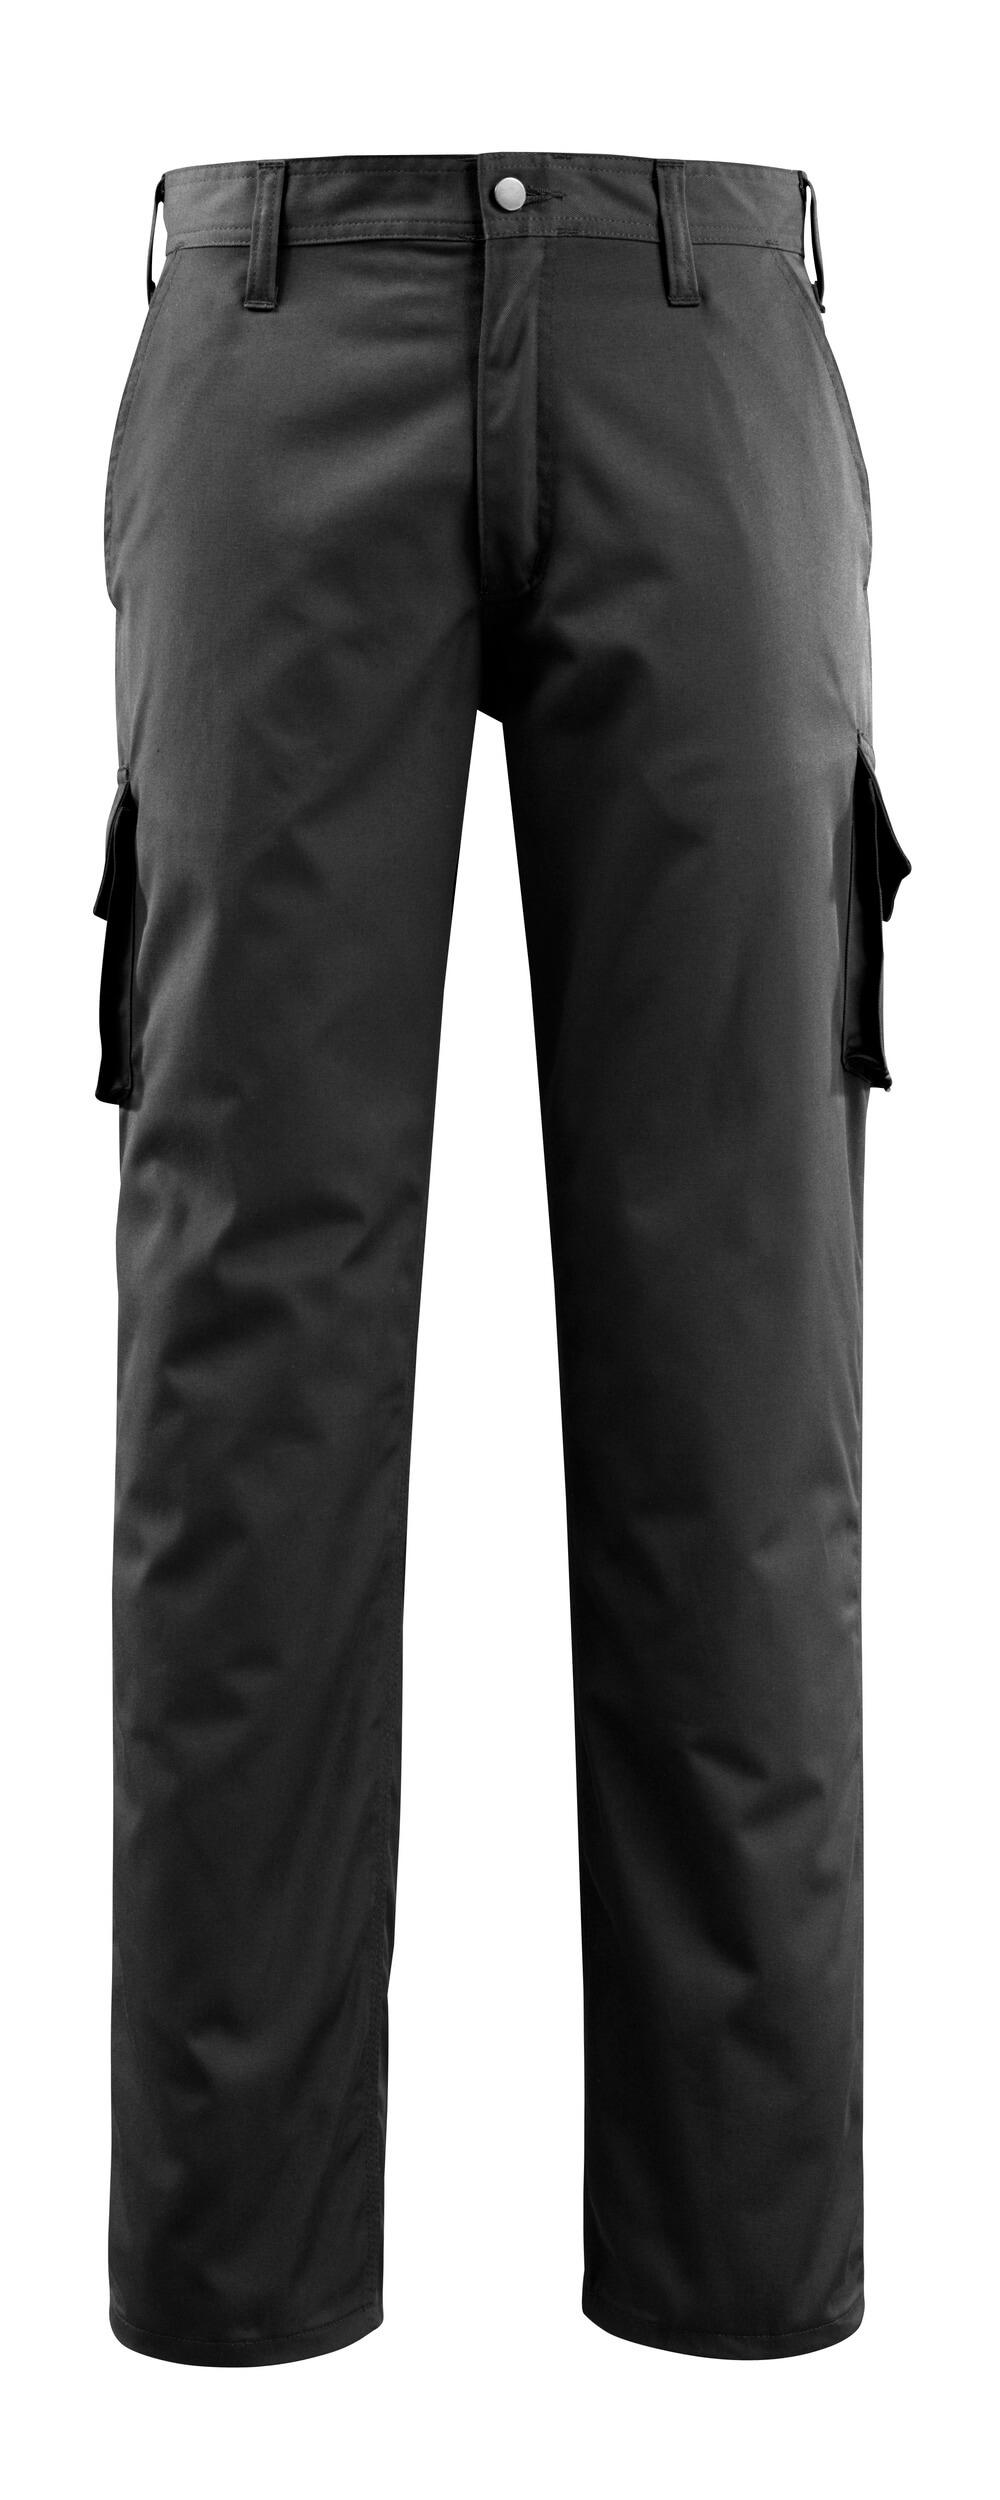 14779-850-09 Pantalon avec poches cuisse - Noir